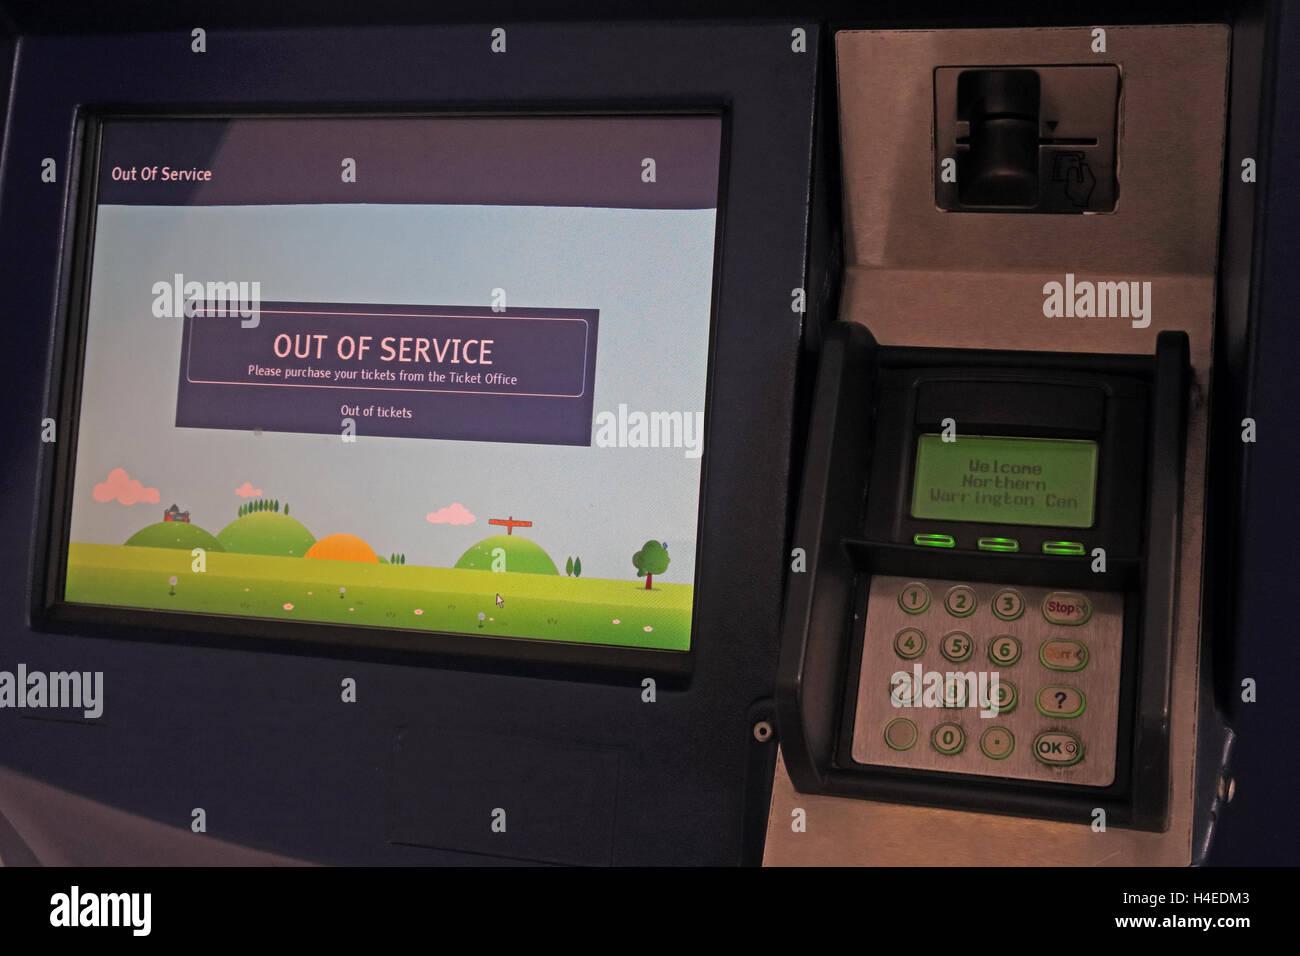 Laden Sie dieses Alamy Stockfoto Außer Betrieb rail Self-Service Ticket Maschine, Bahnhof Warrington, Cheshire, England - H4EDM3